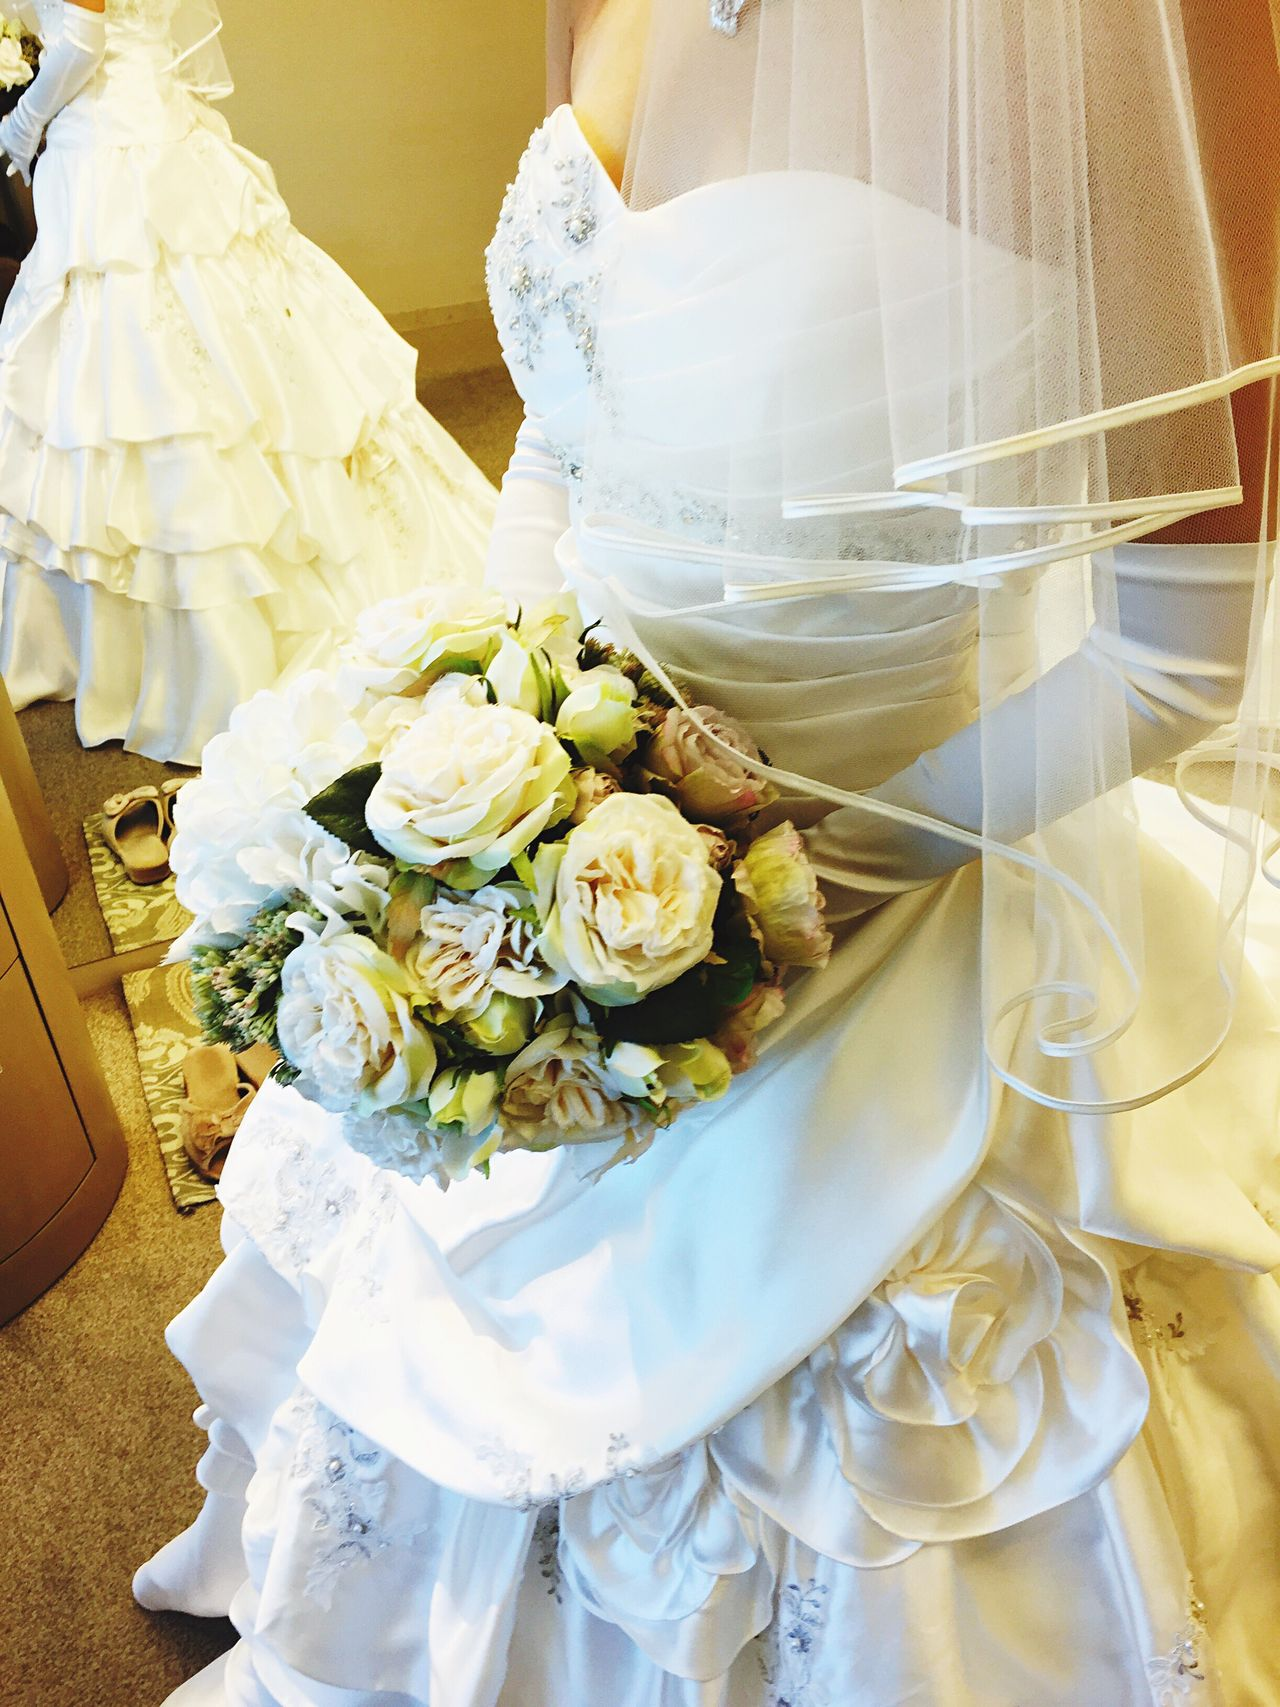 Wedding Bride Flower Wedding Dress Celebration 結婚 ウェディング ウェディングドレス 花 ブーケ Bouquet 花束